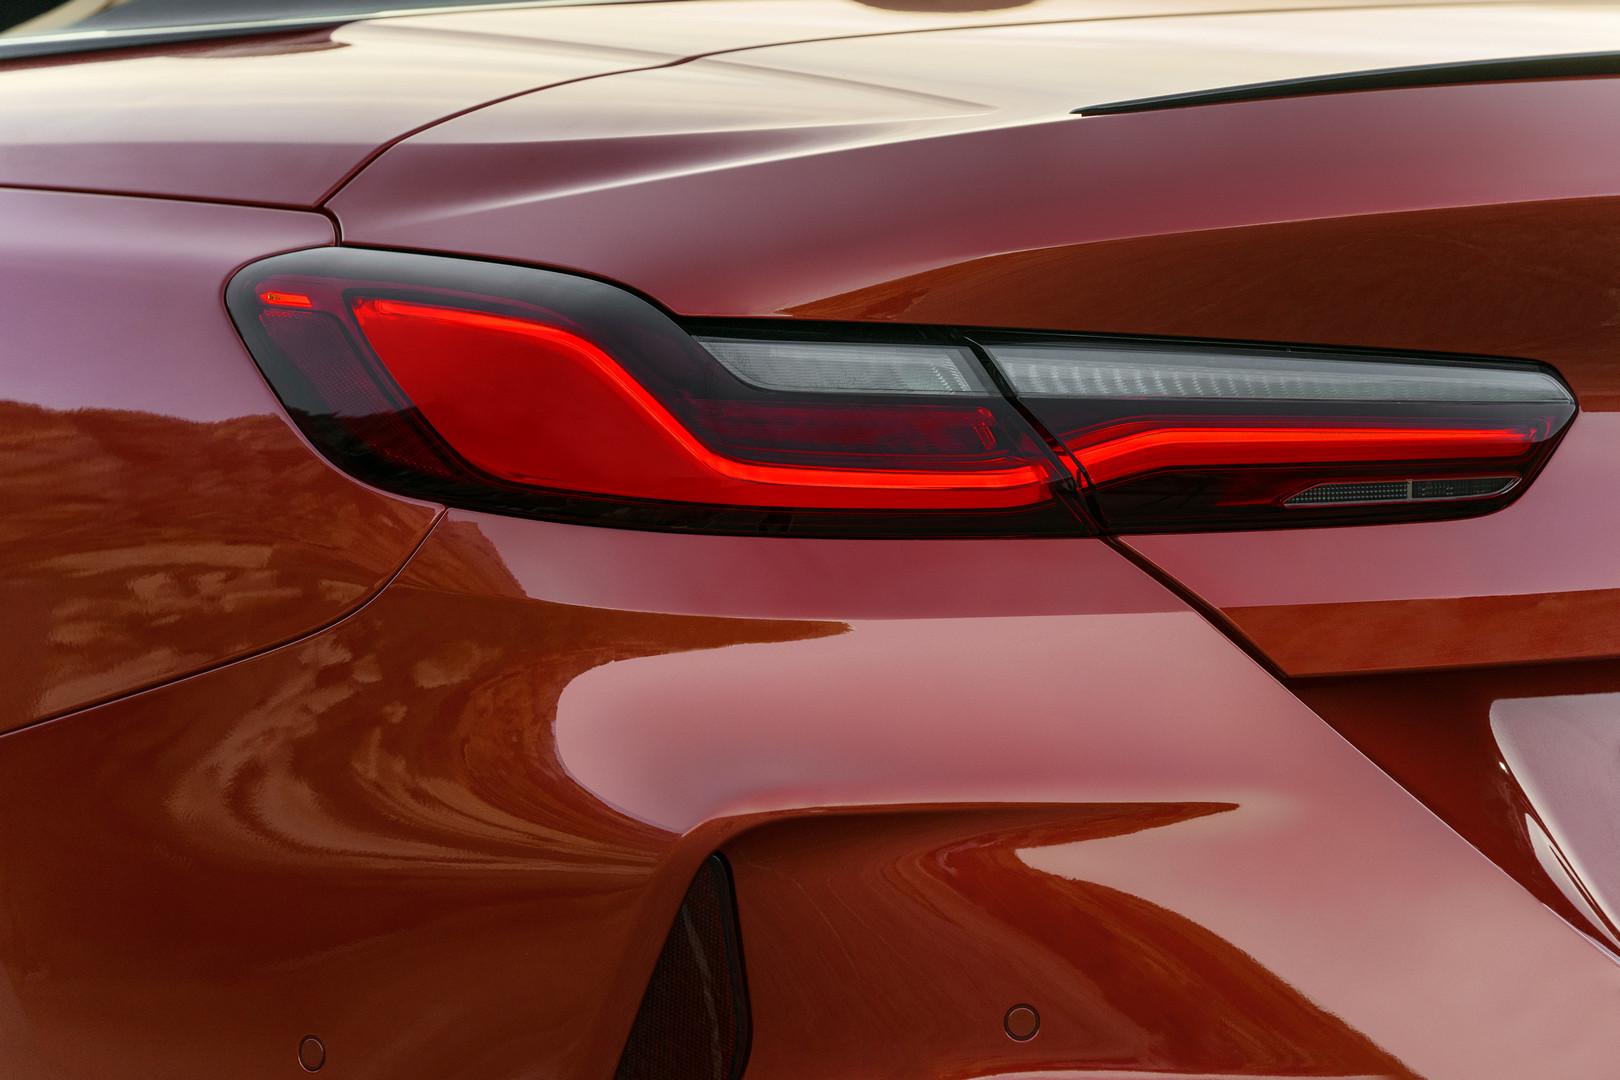 2020 BMW M8 Rear Light